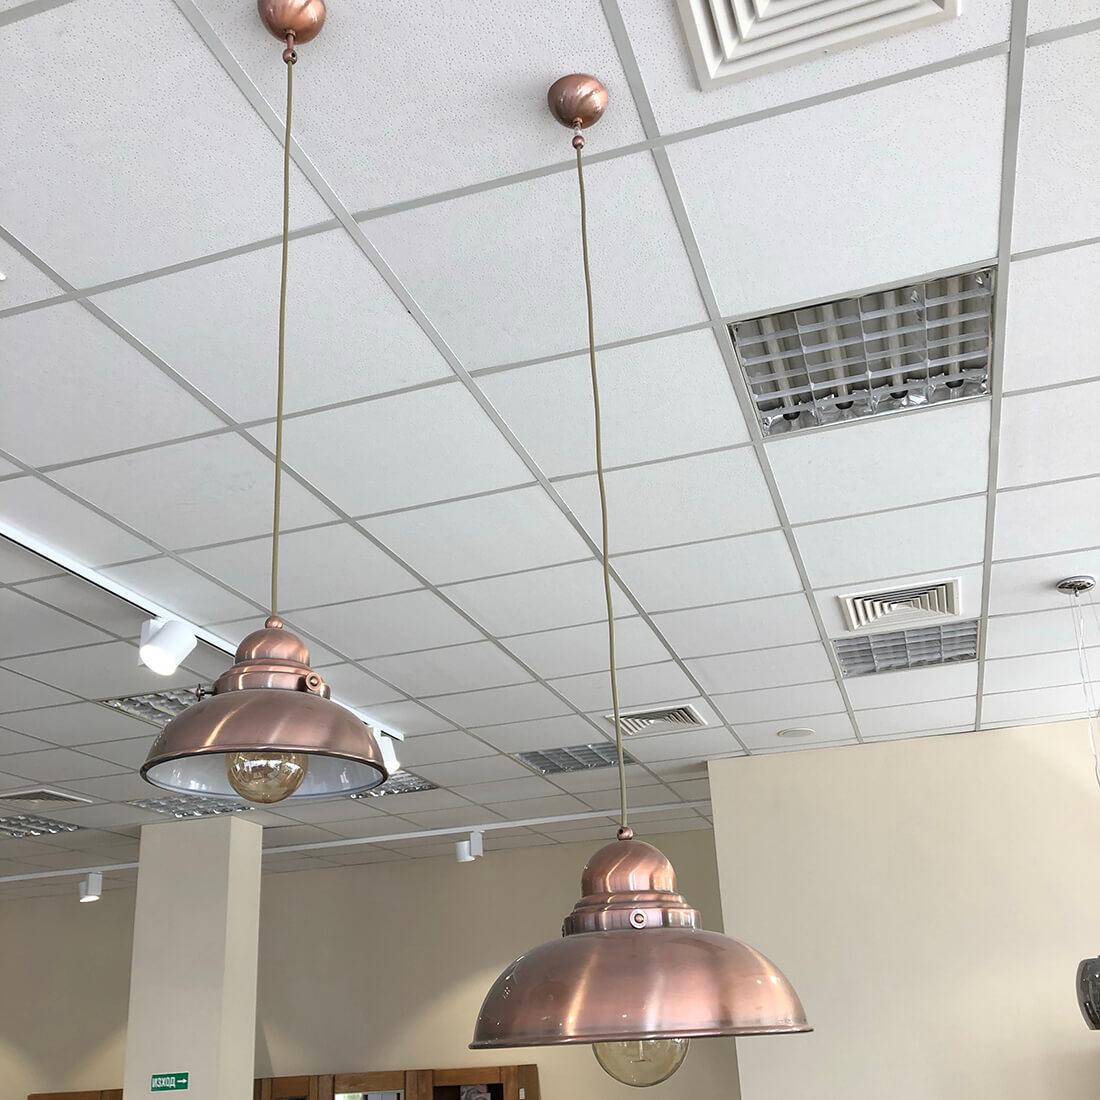 Висящи лампи Zon, комплект 2 бр. - мостра